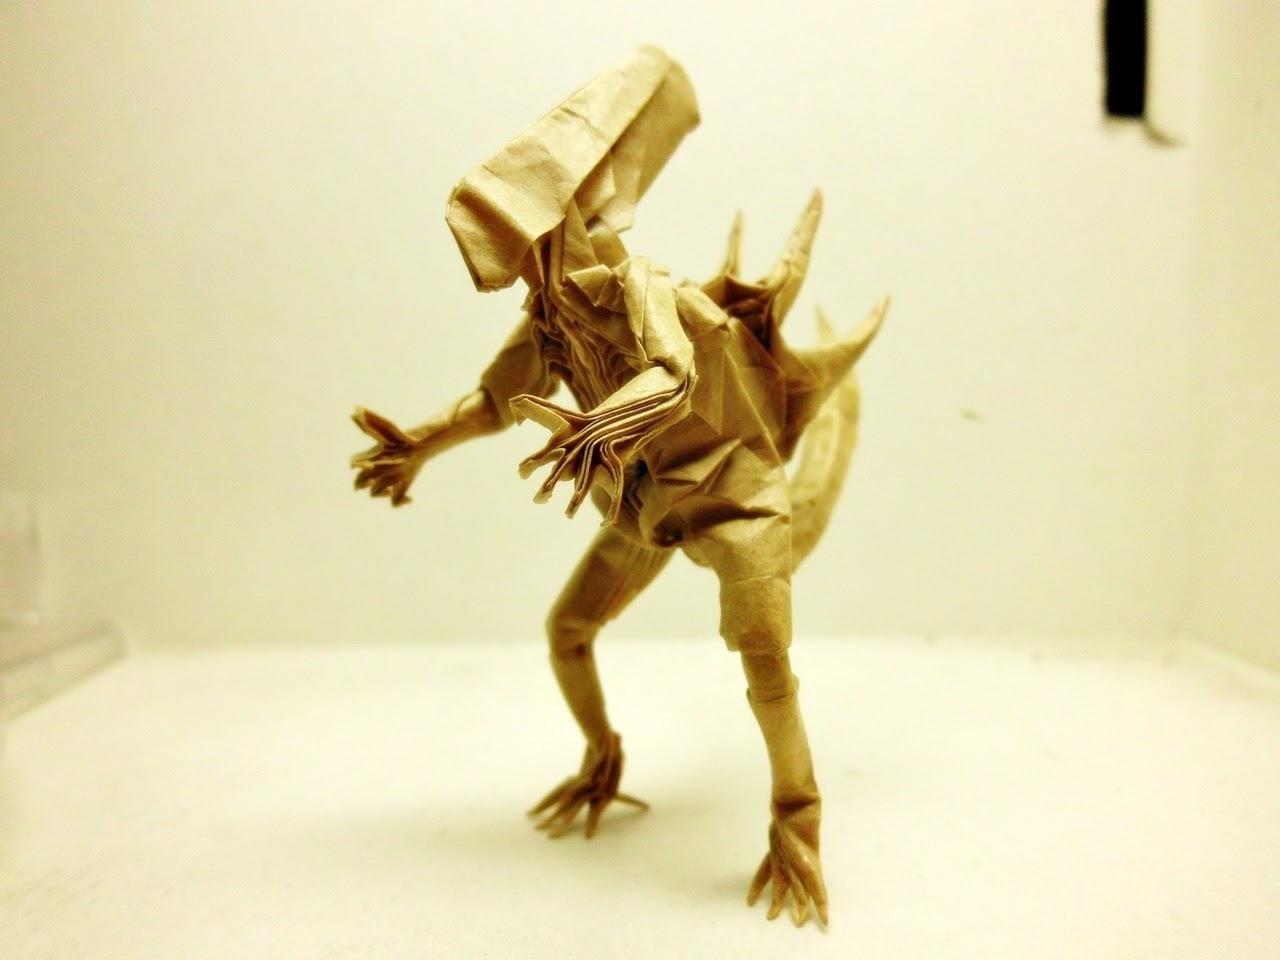 Kade chan alien origami alien monster kade chan alien origami alien monster jeuxipadfo Images